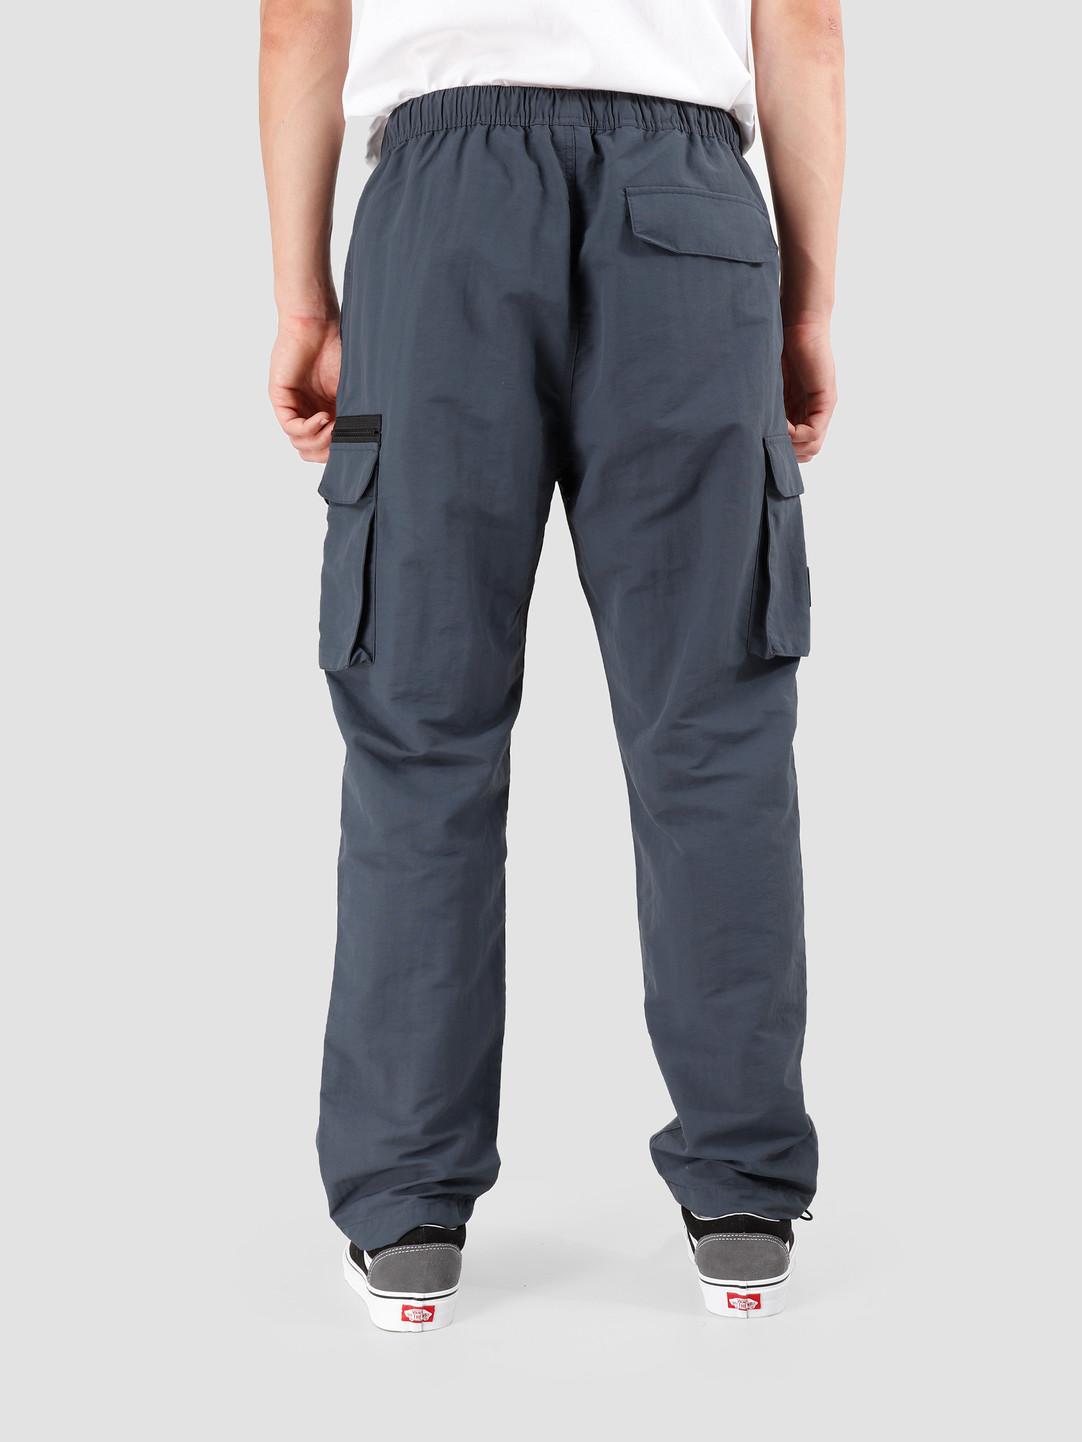 Stussy Stussy Utility Cargo Pant Slate 116395